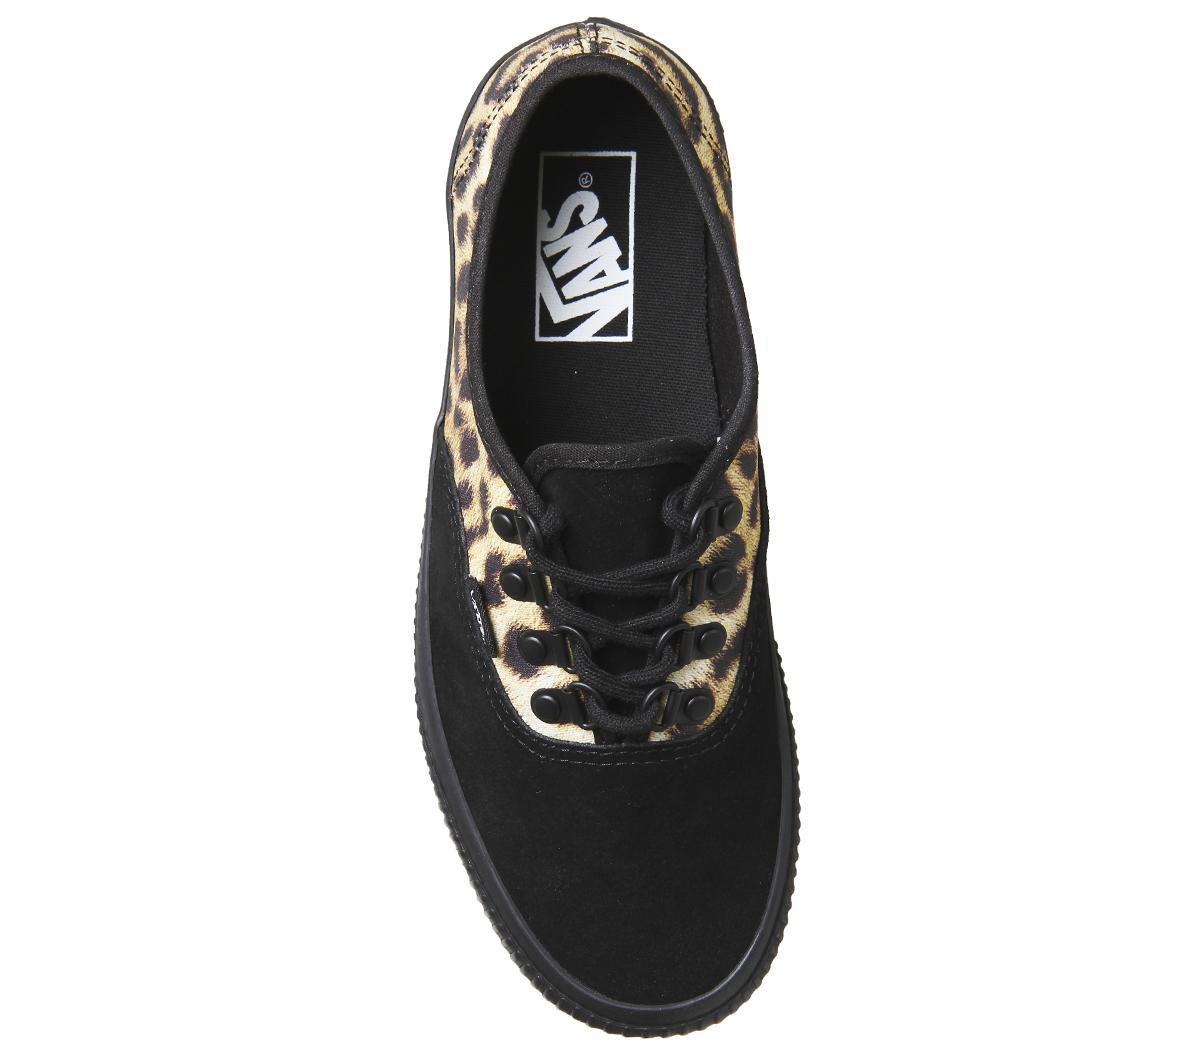 74b6788b6f5 Womens Vans Authentic Platform Trainers BLACK LEOPARD Trainers Shoes ...